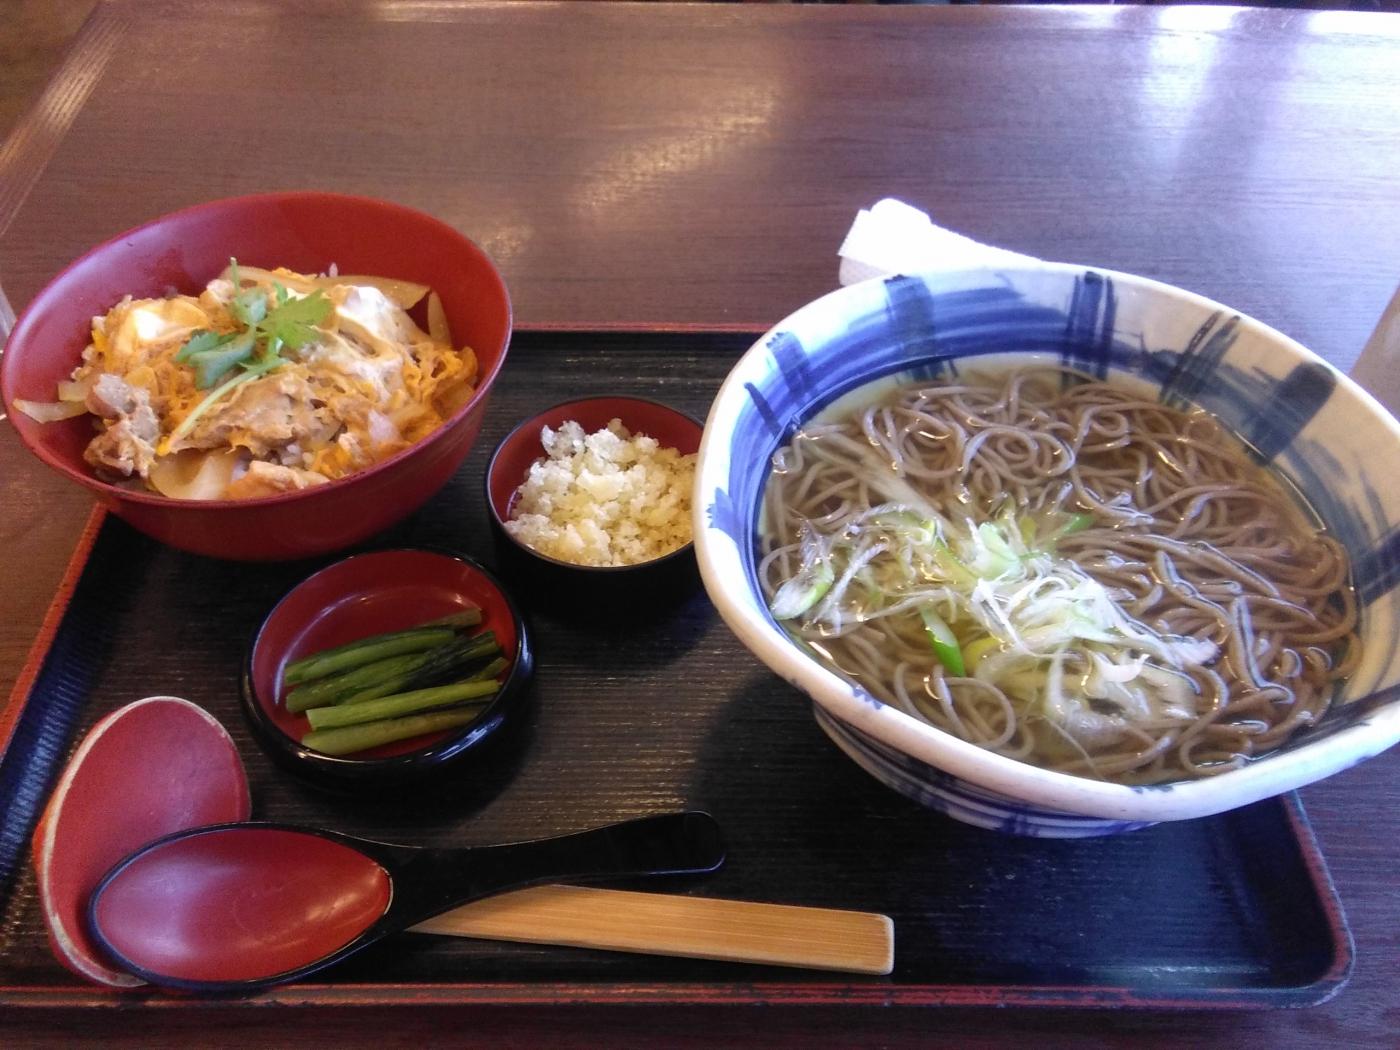 北海道自駕游 - 函館食篇_圖1-4